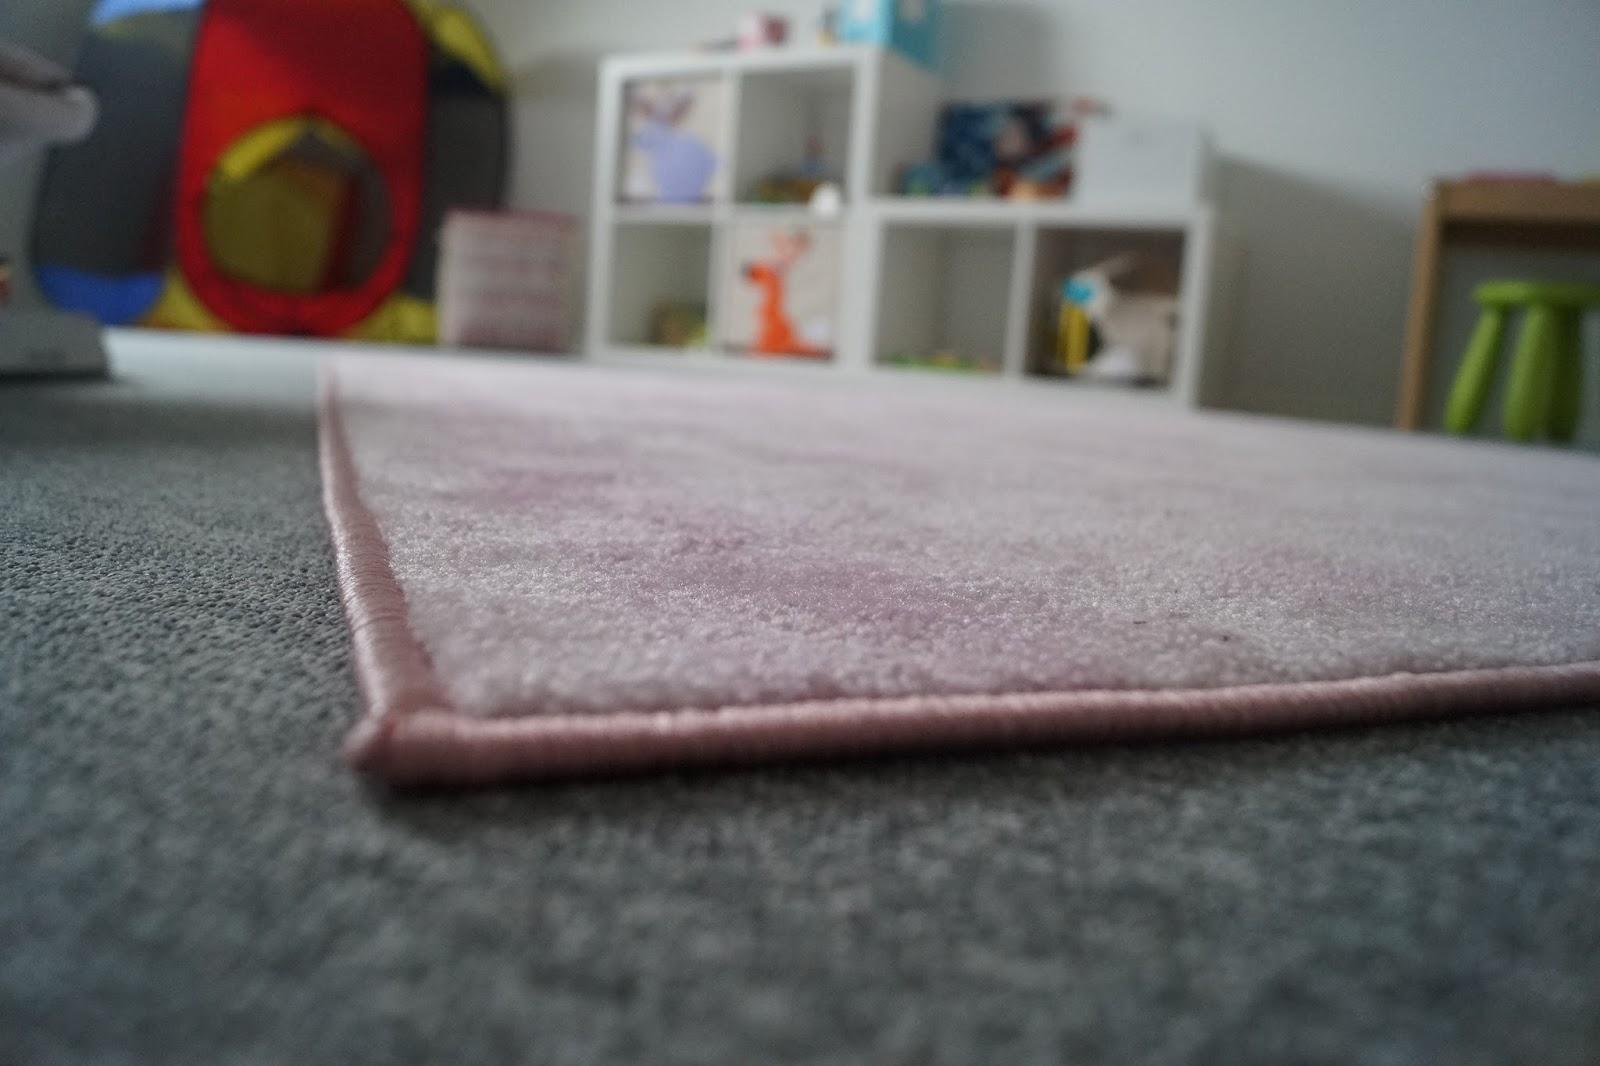 kleine einblicke in die kinderzimmer mit kinderaugen. Black Bedroom Furniture Sets. Home Design Ideas